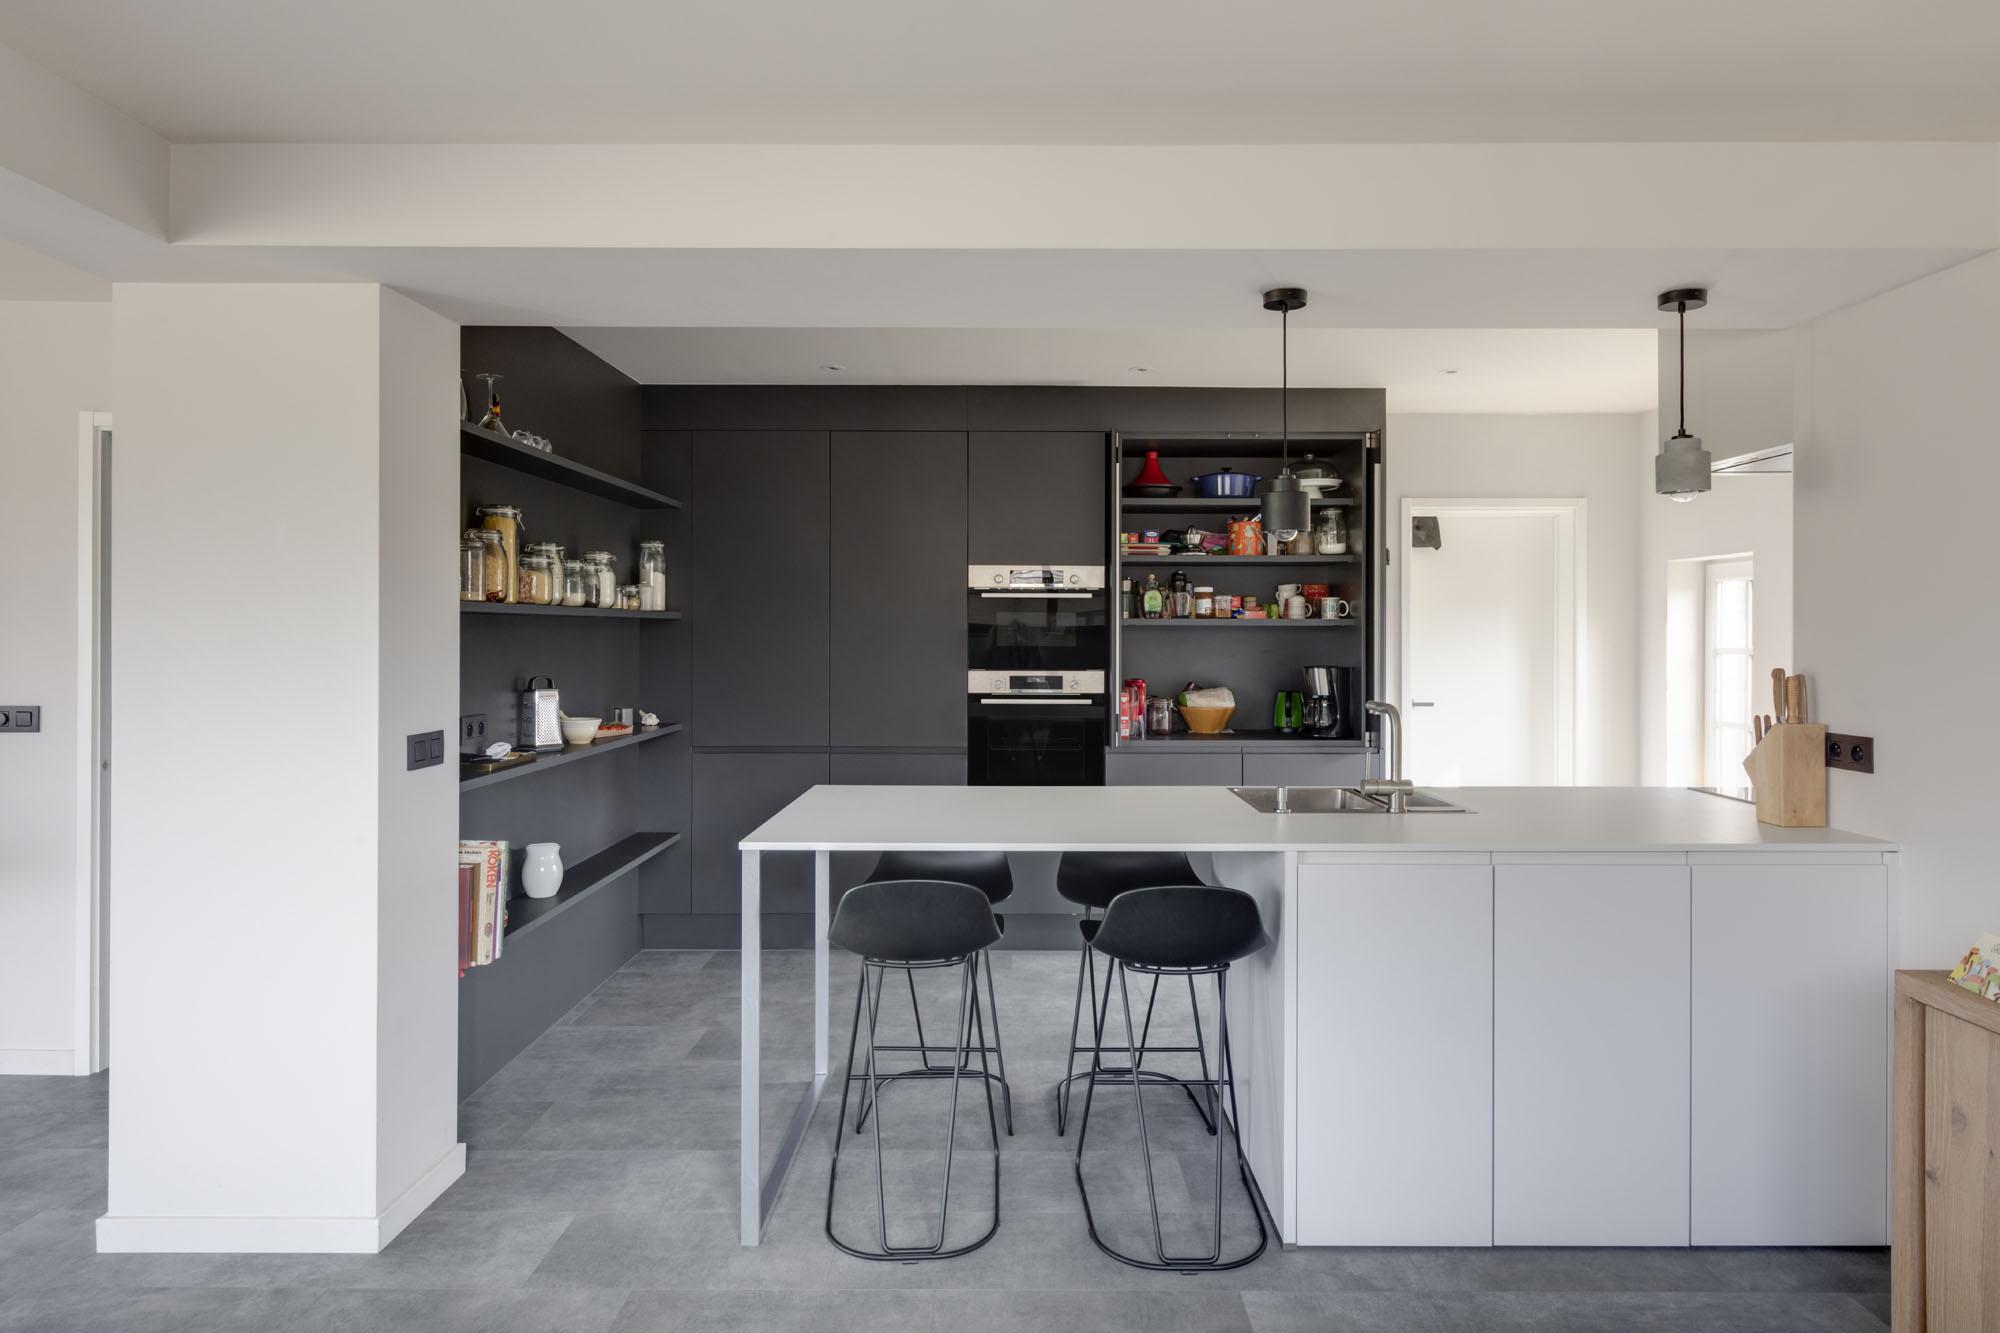 U Keuken Kopen : Hans keukens in dendermonde uw keukenspecialist